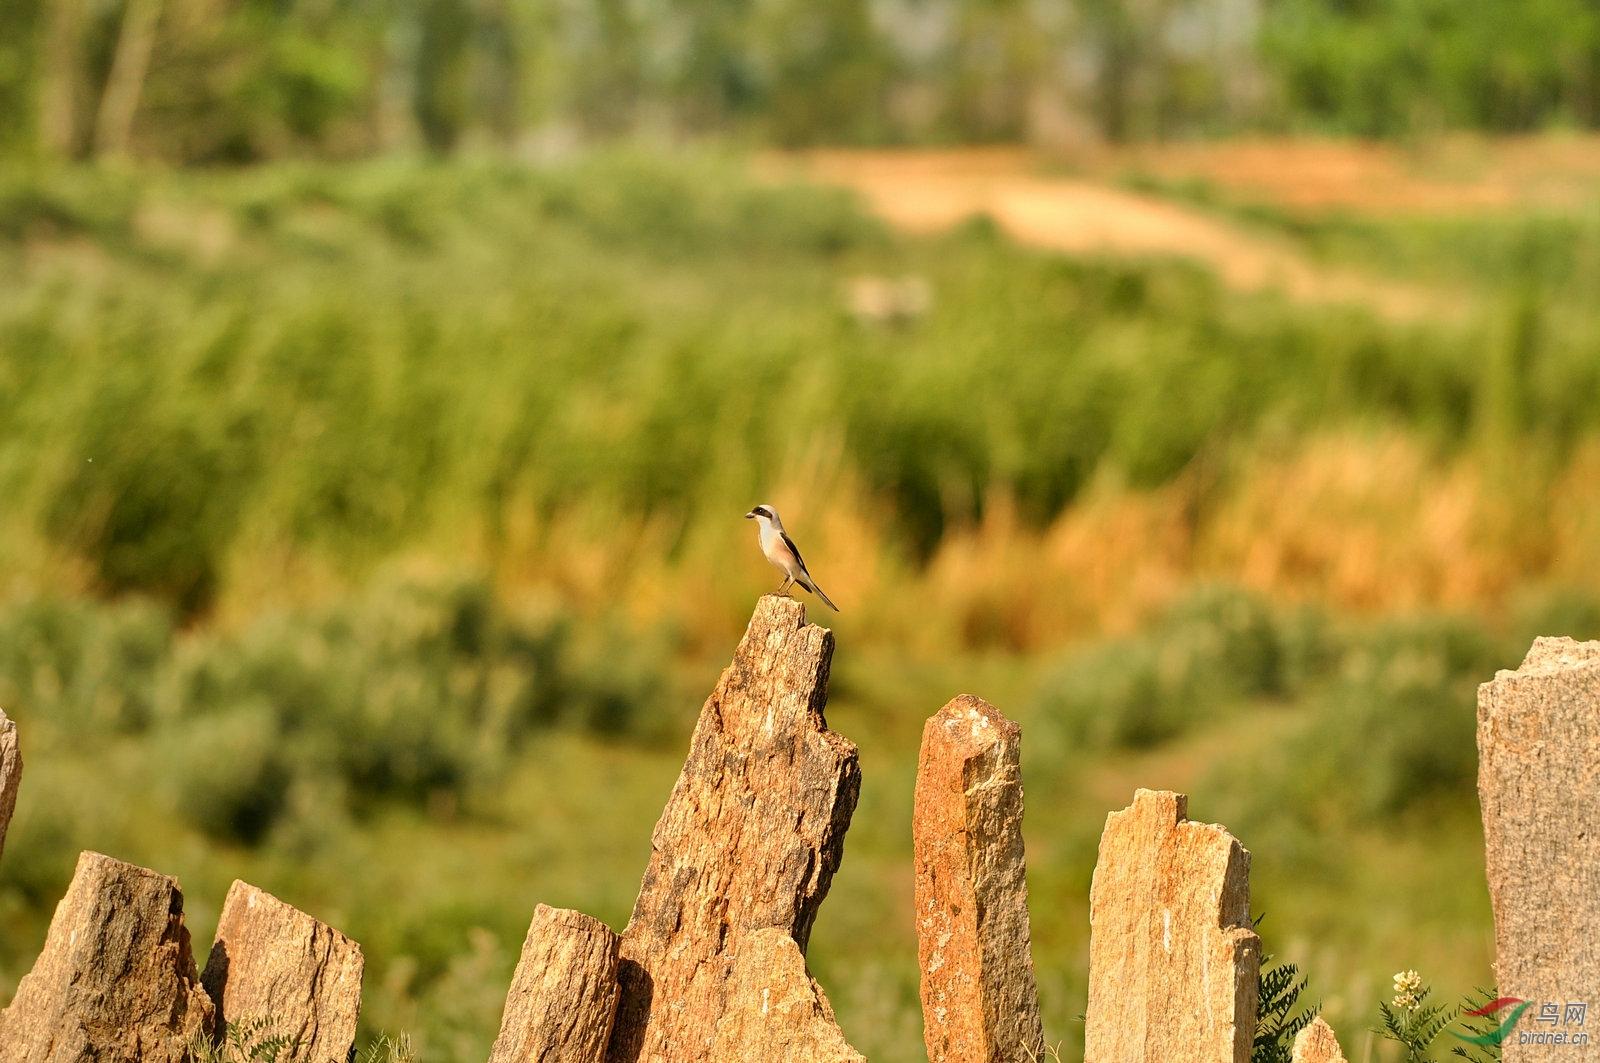 野外的小鸟3.jpg